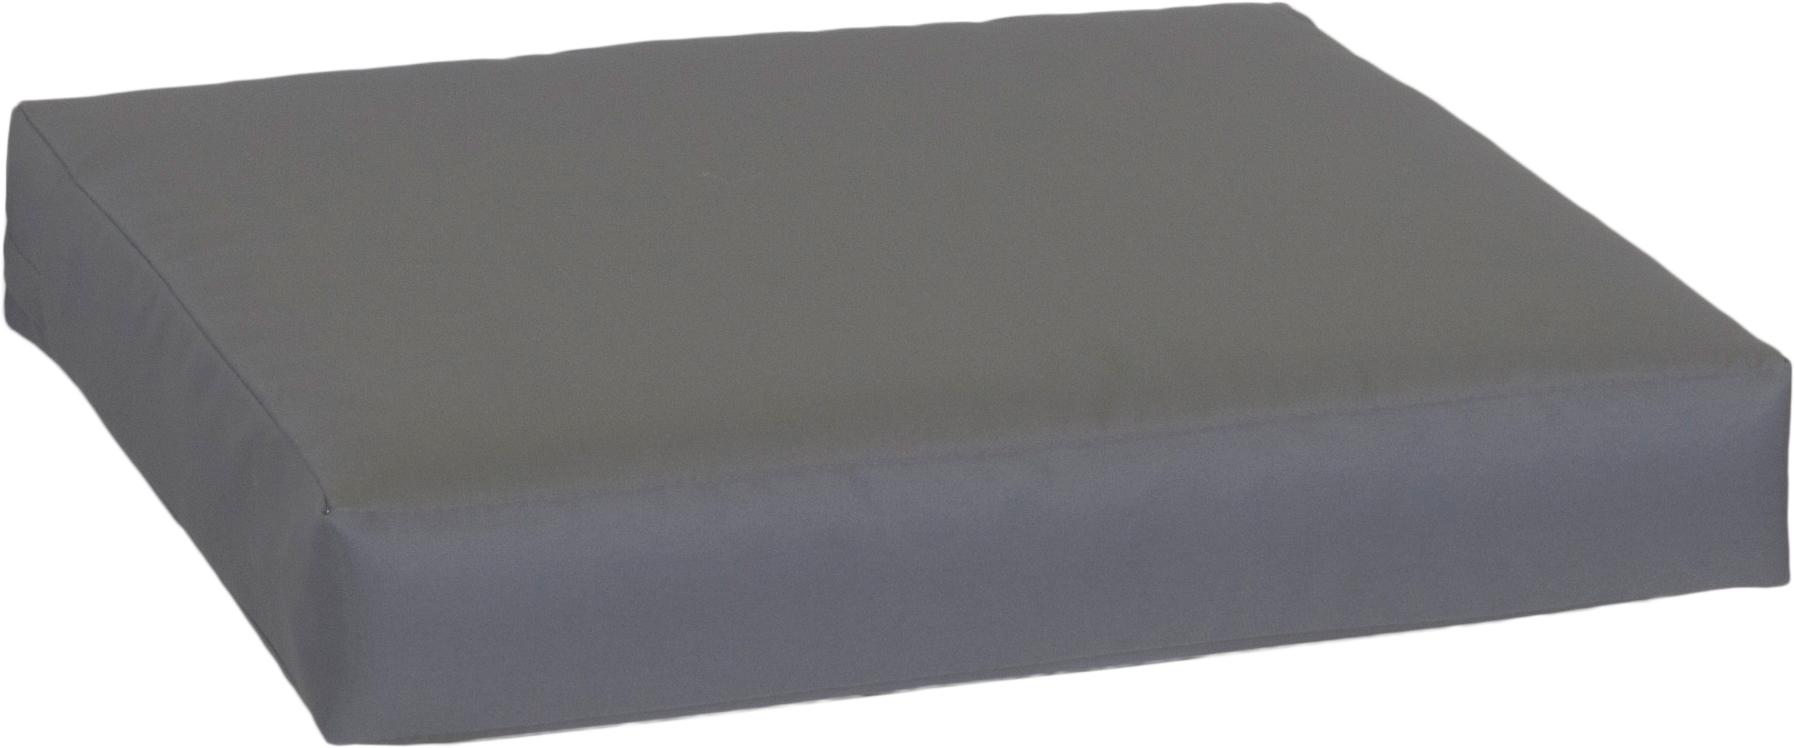 Hochwertige Polsterauflagen 100% Polyester für Palettensofas oder Loungegruppen in anthrazit ca. 60 x 60 cm